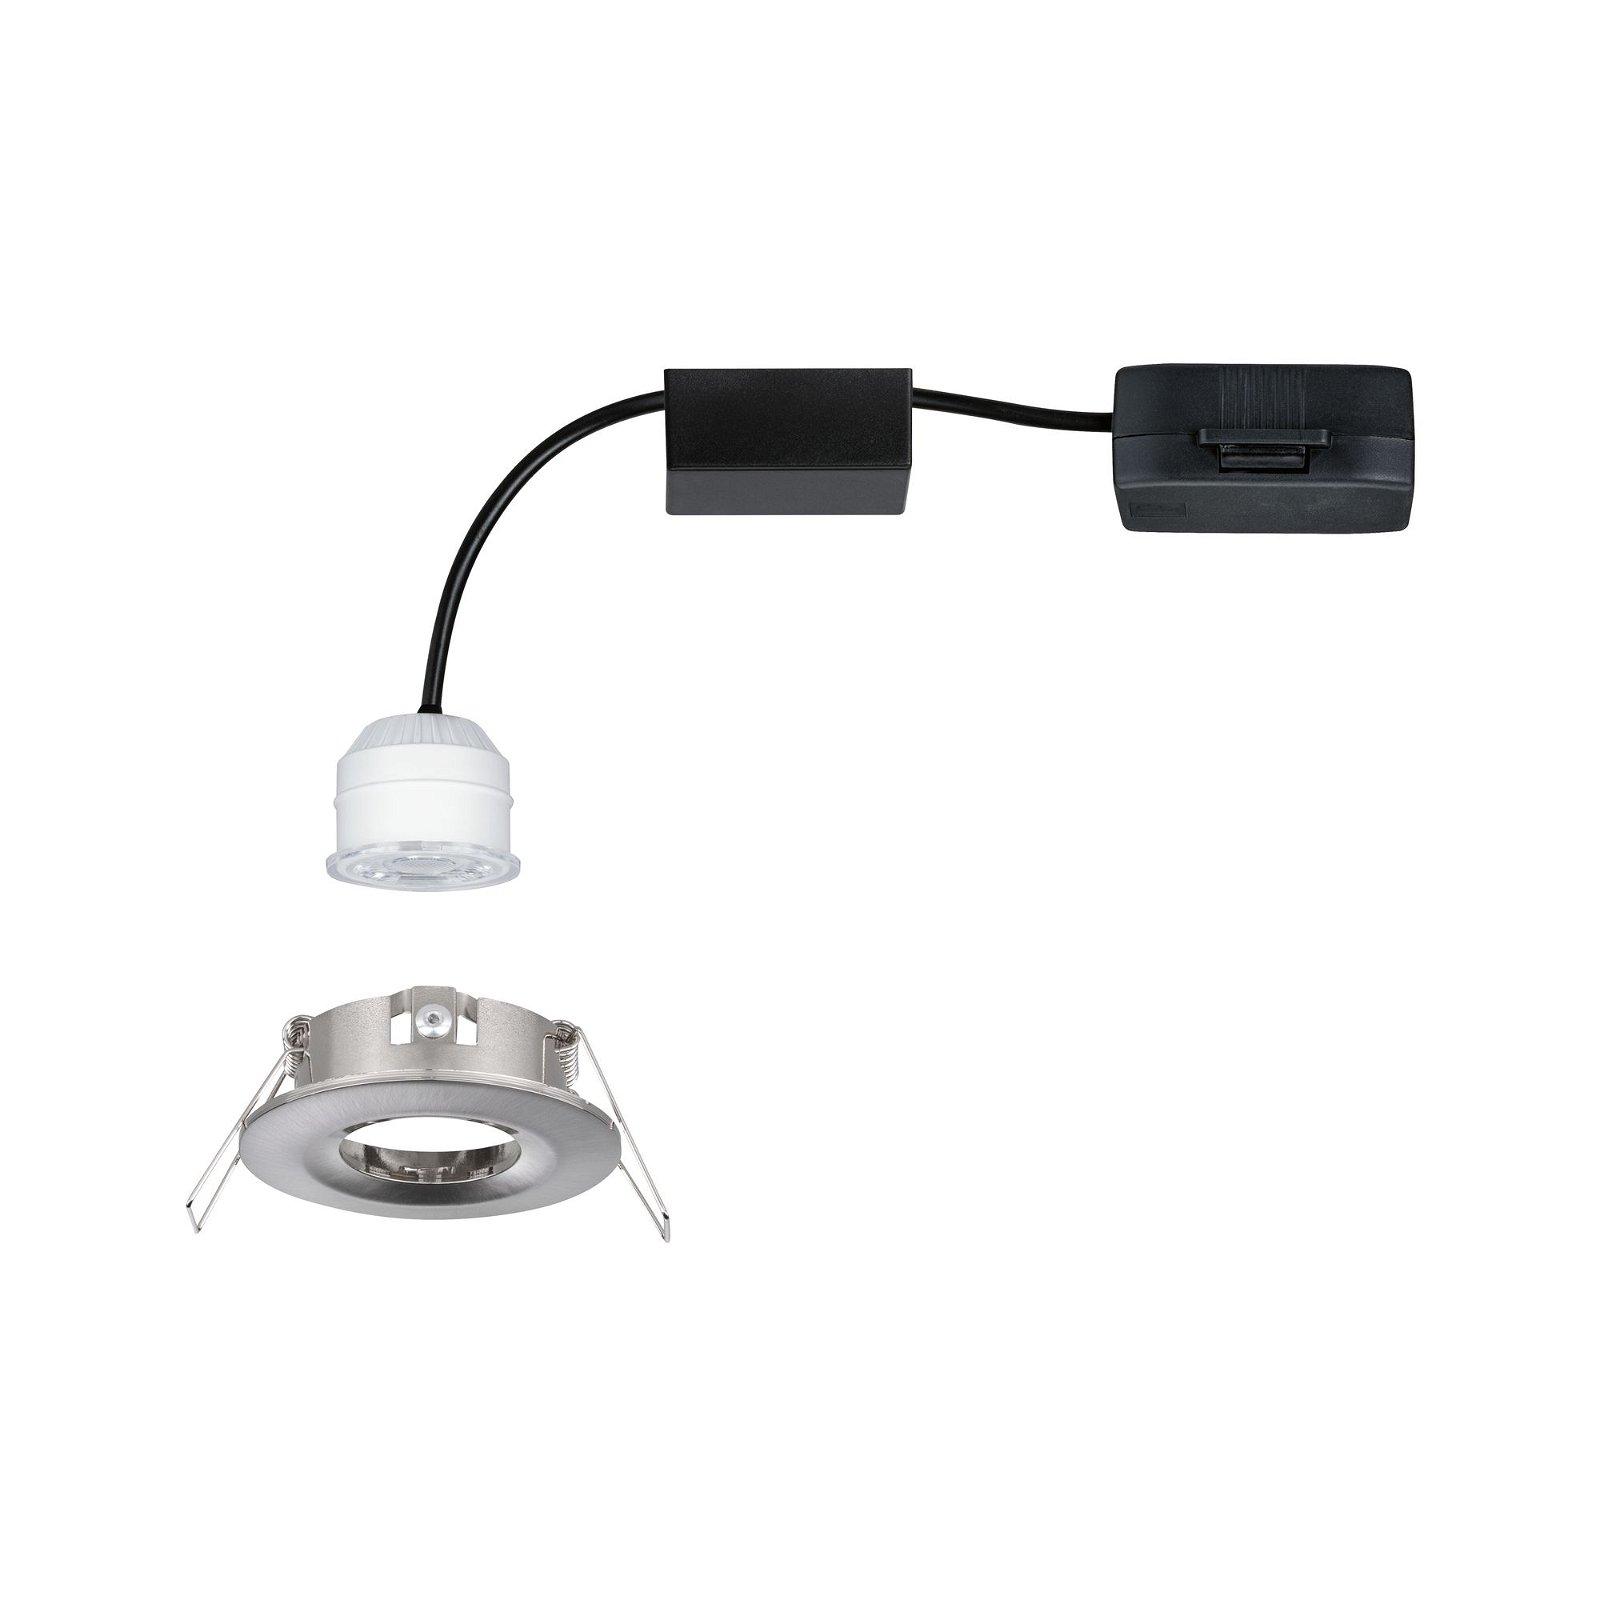 LED Einbauleuchte Nova Mini Coin Einzelleuchte starr IP44 rund 65mm Coin 4W 310lm 230V 2700K Eisen gebürstet